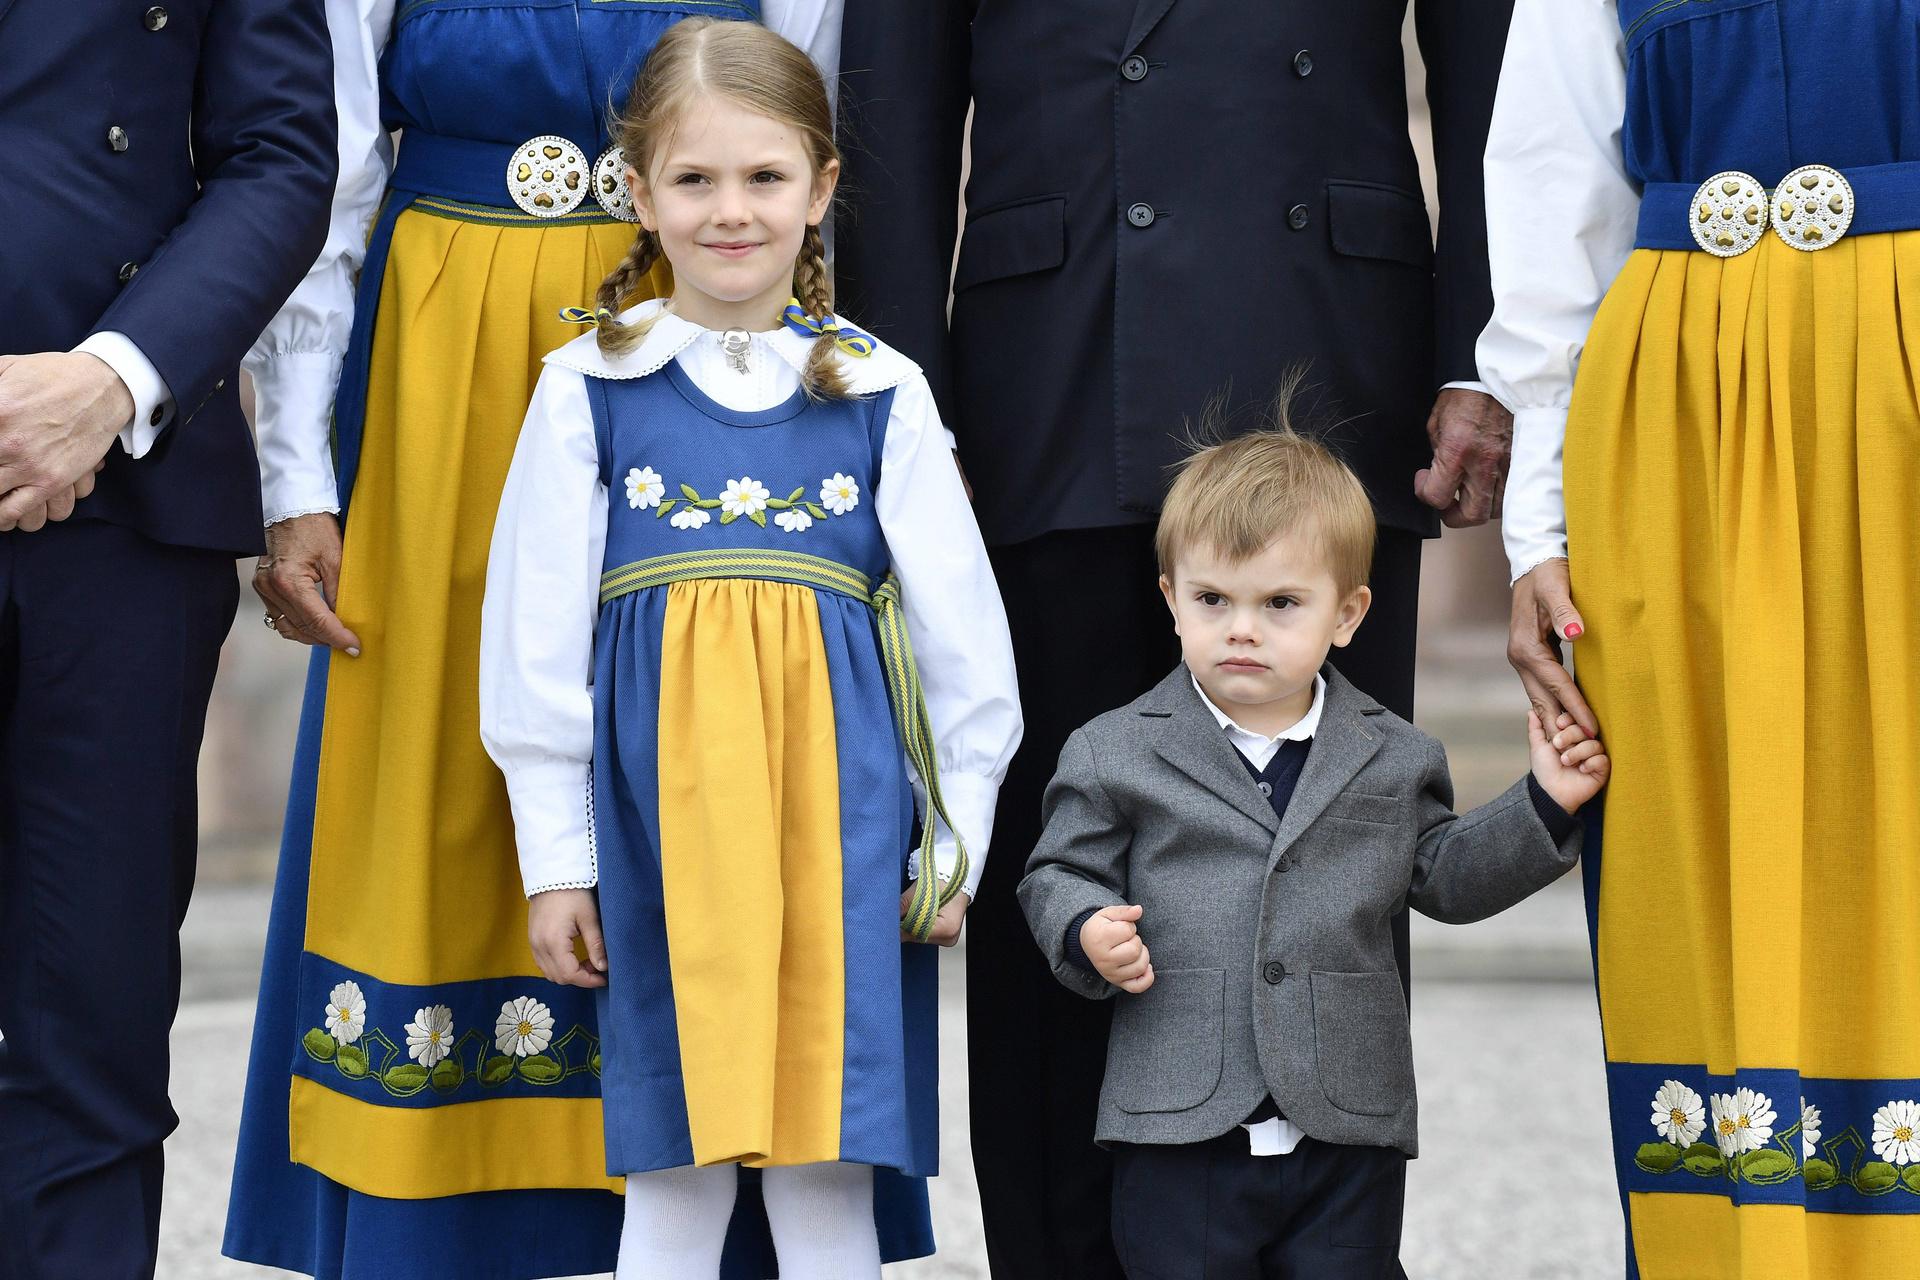 Ein neuer Prinz oder eine Prinzessin wird geboren, und die Welt jubelt! Königskinder sind Popstars - aber auch rund um die Uhr im Dienst für den Fortbestand von Monarchie und Macht.  ©ZDF/imago